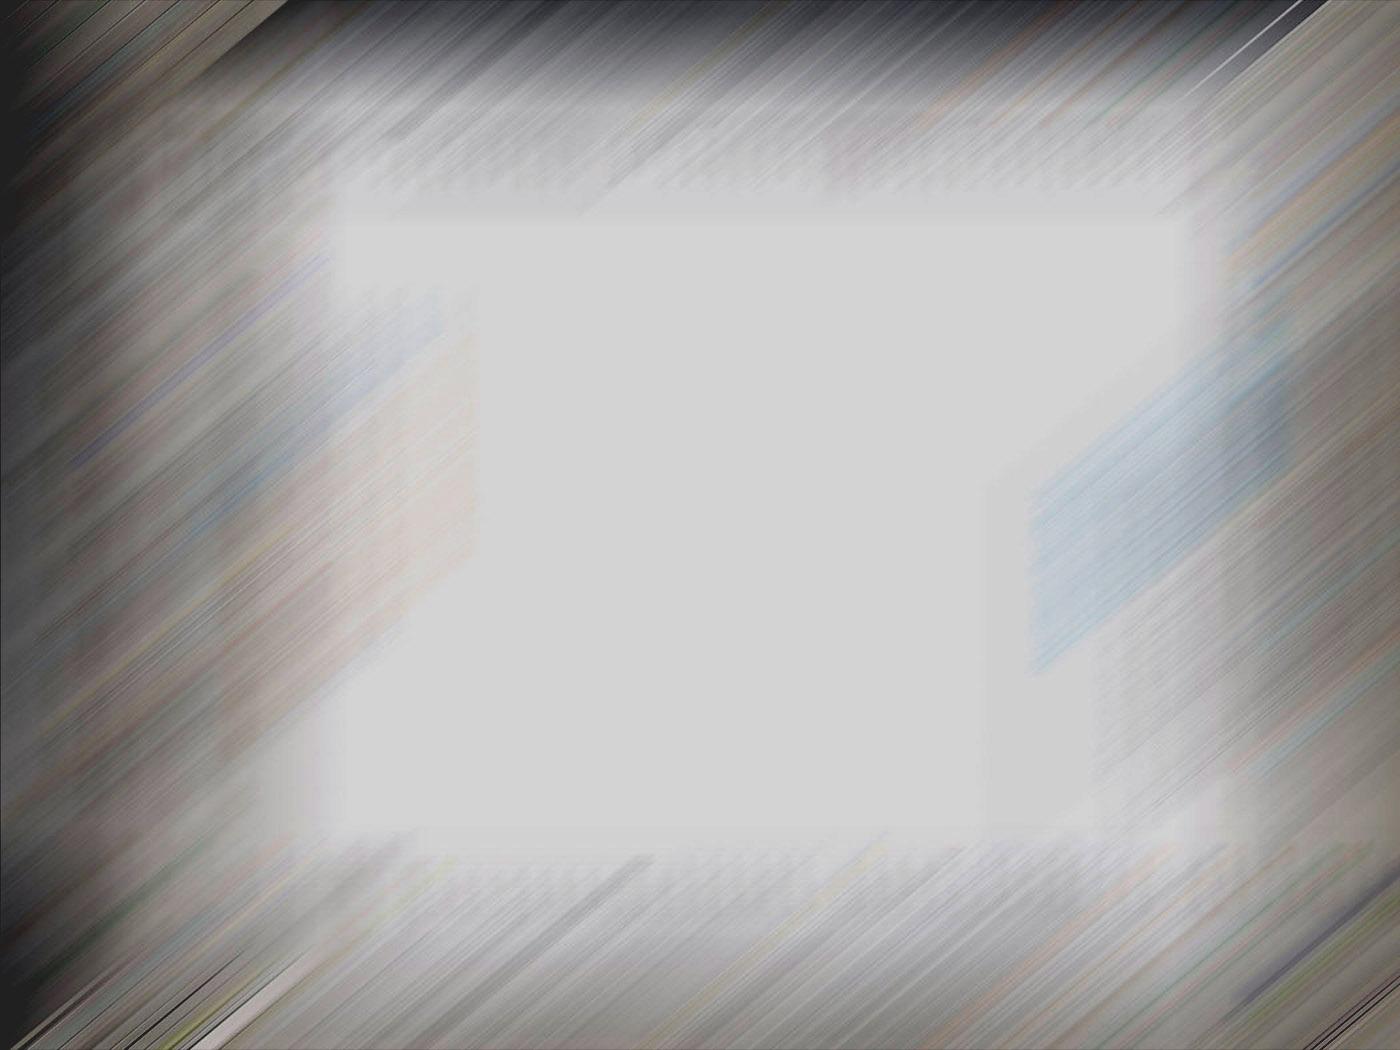 Grau - Hintergrundbilder kostenlos